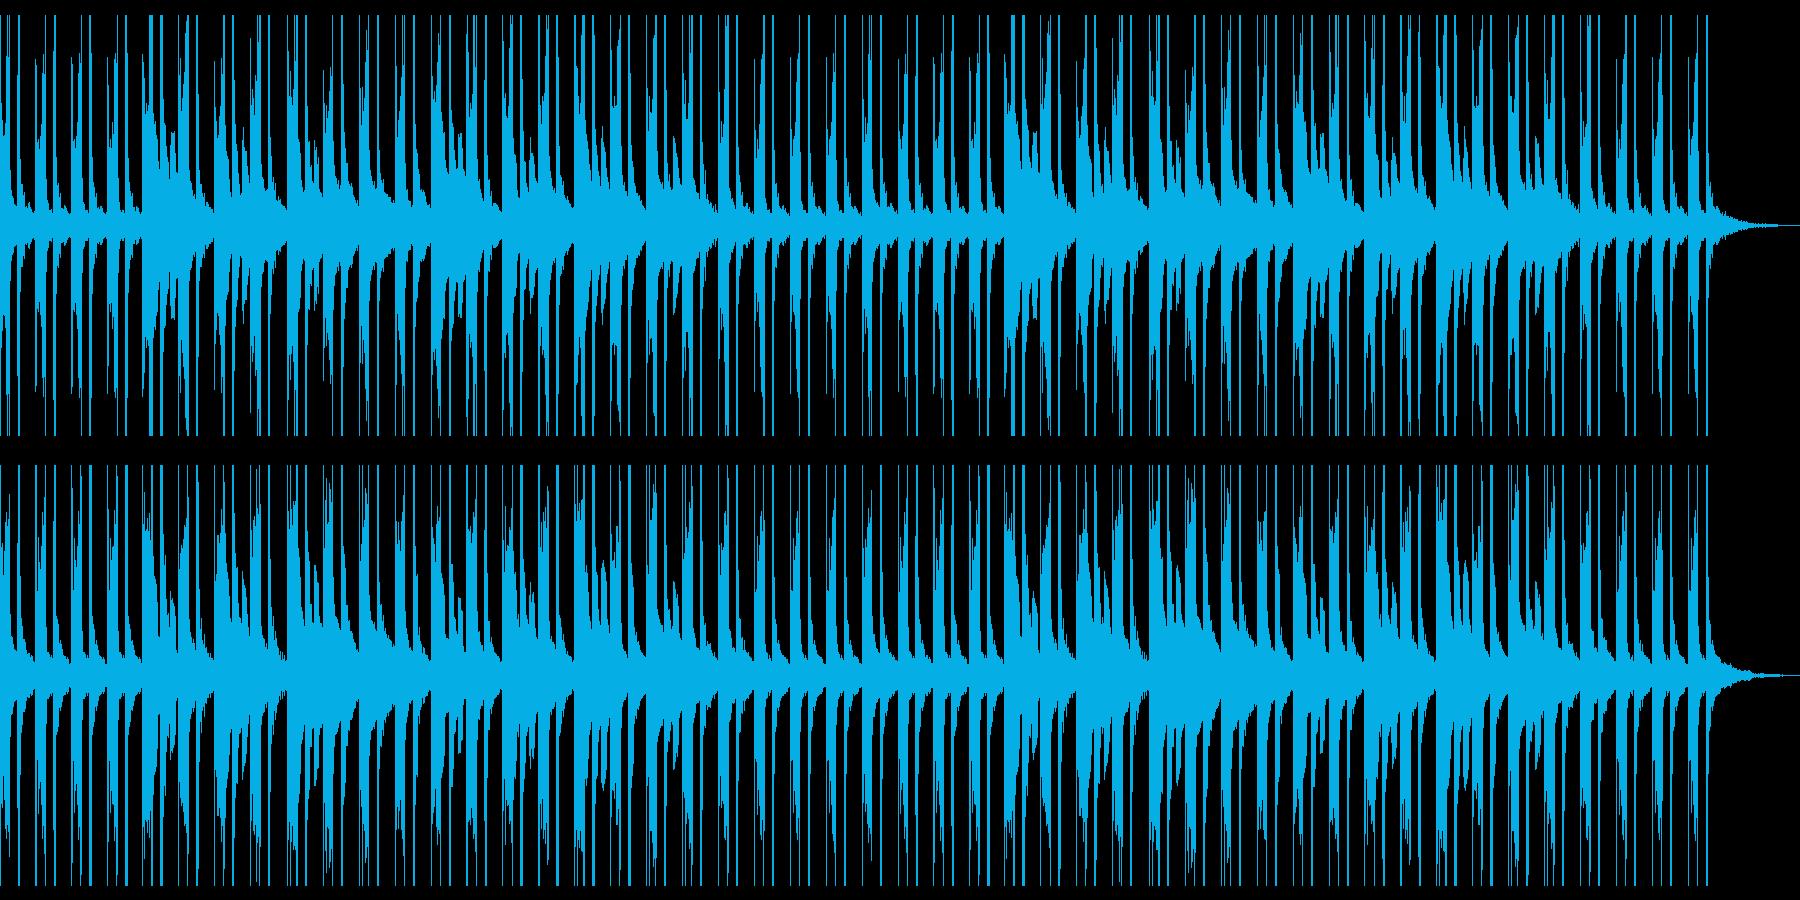 ほのぼのしたまったりな雰囲気のBGMの再生済みの波形